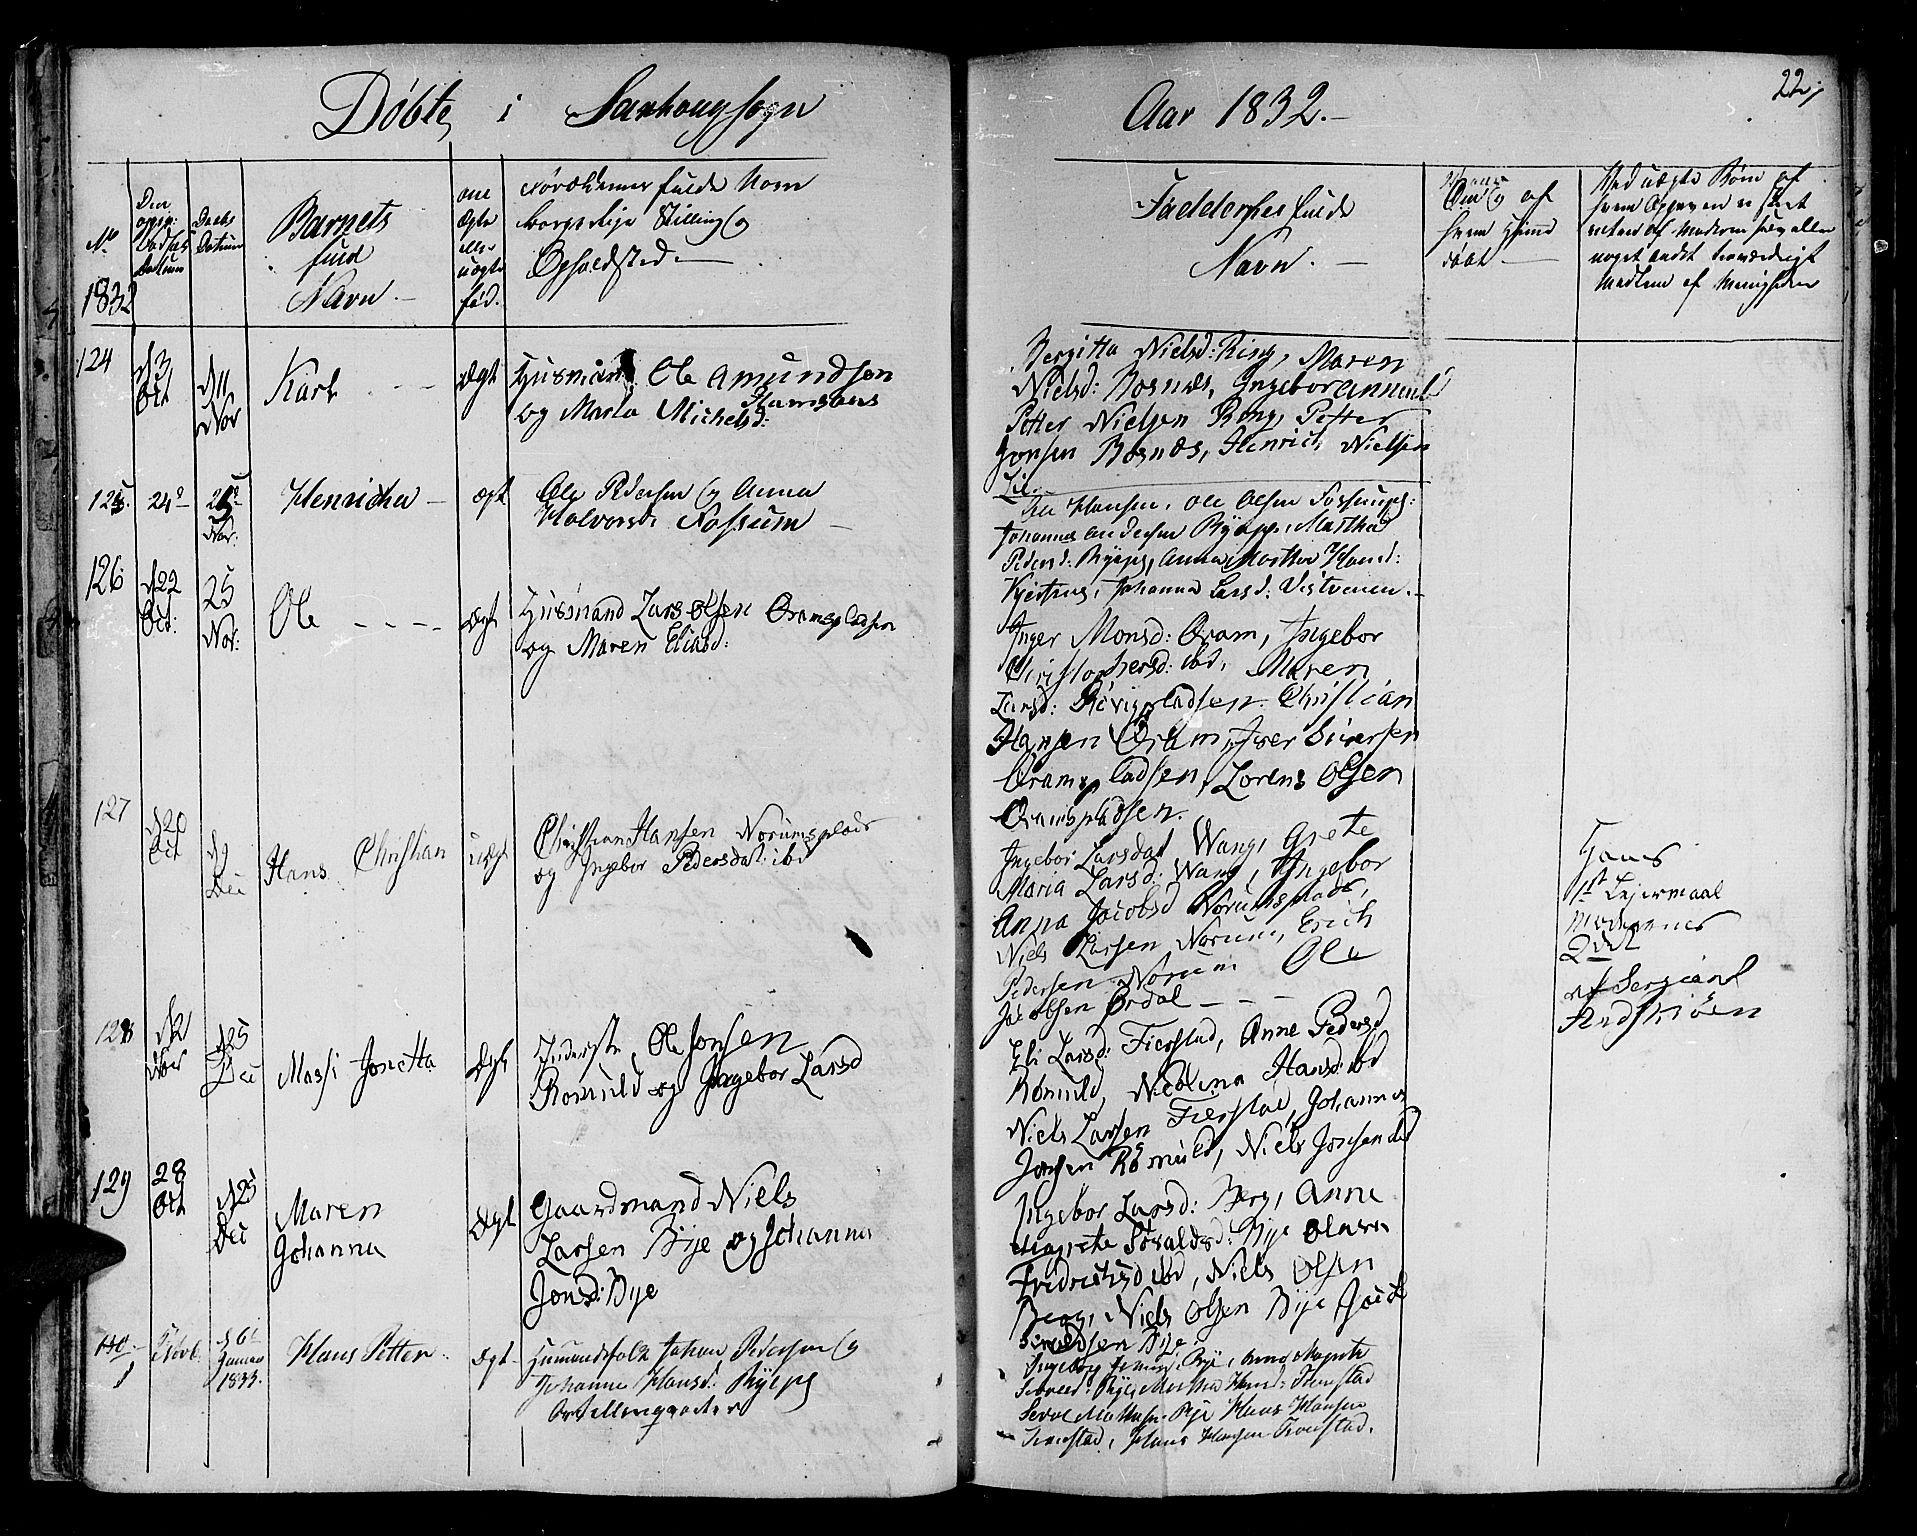 SAT, Ministerialprotokoller, klokkerbøker og fødselsregistre - Nord-Trøndelag, 730/L0277: Ministerialbok nr. 730A06 /1, 1830-1839, s. 22